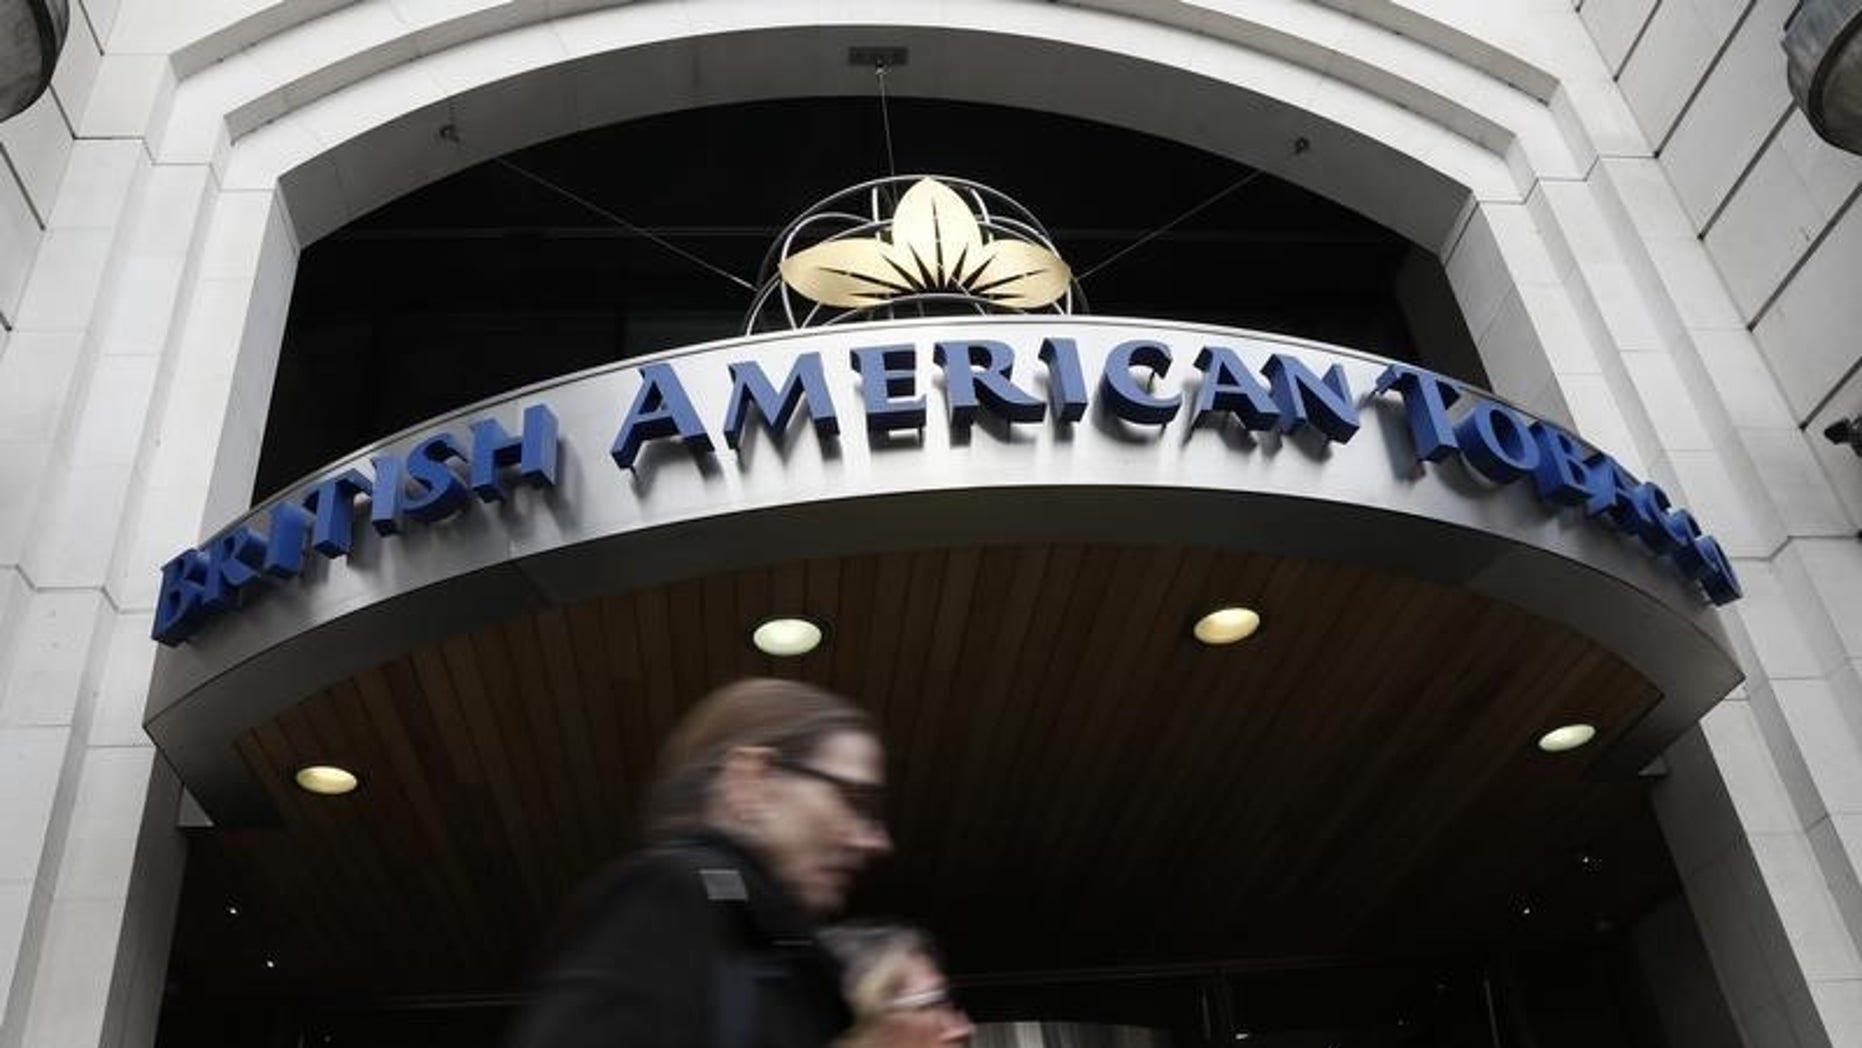 British American Tobacco to test e-cigarette in Japan | Fox News